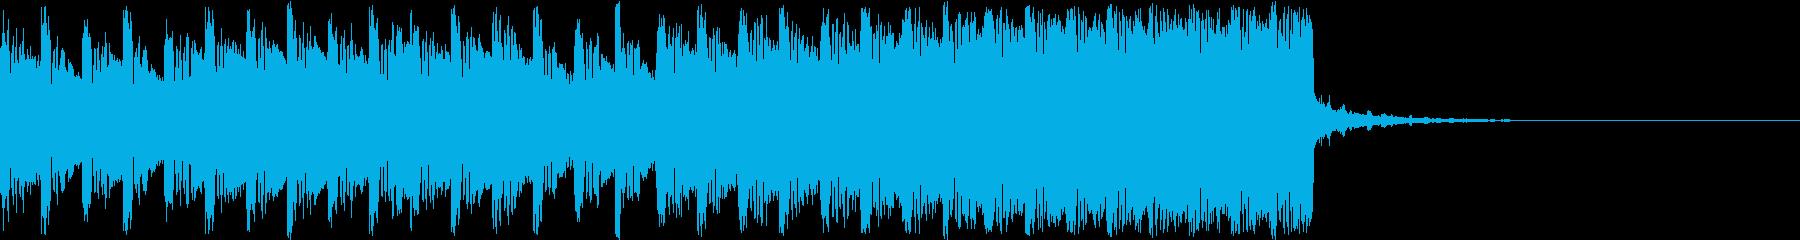 デジタル、CG、SFX等の映像ショート⑩の再生済みの波形